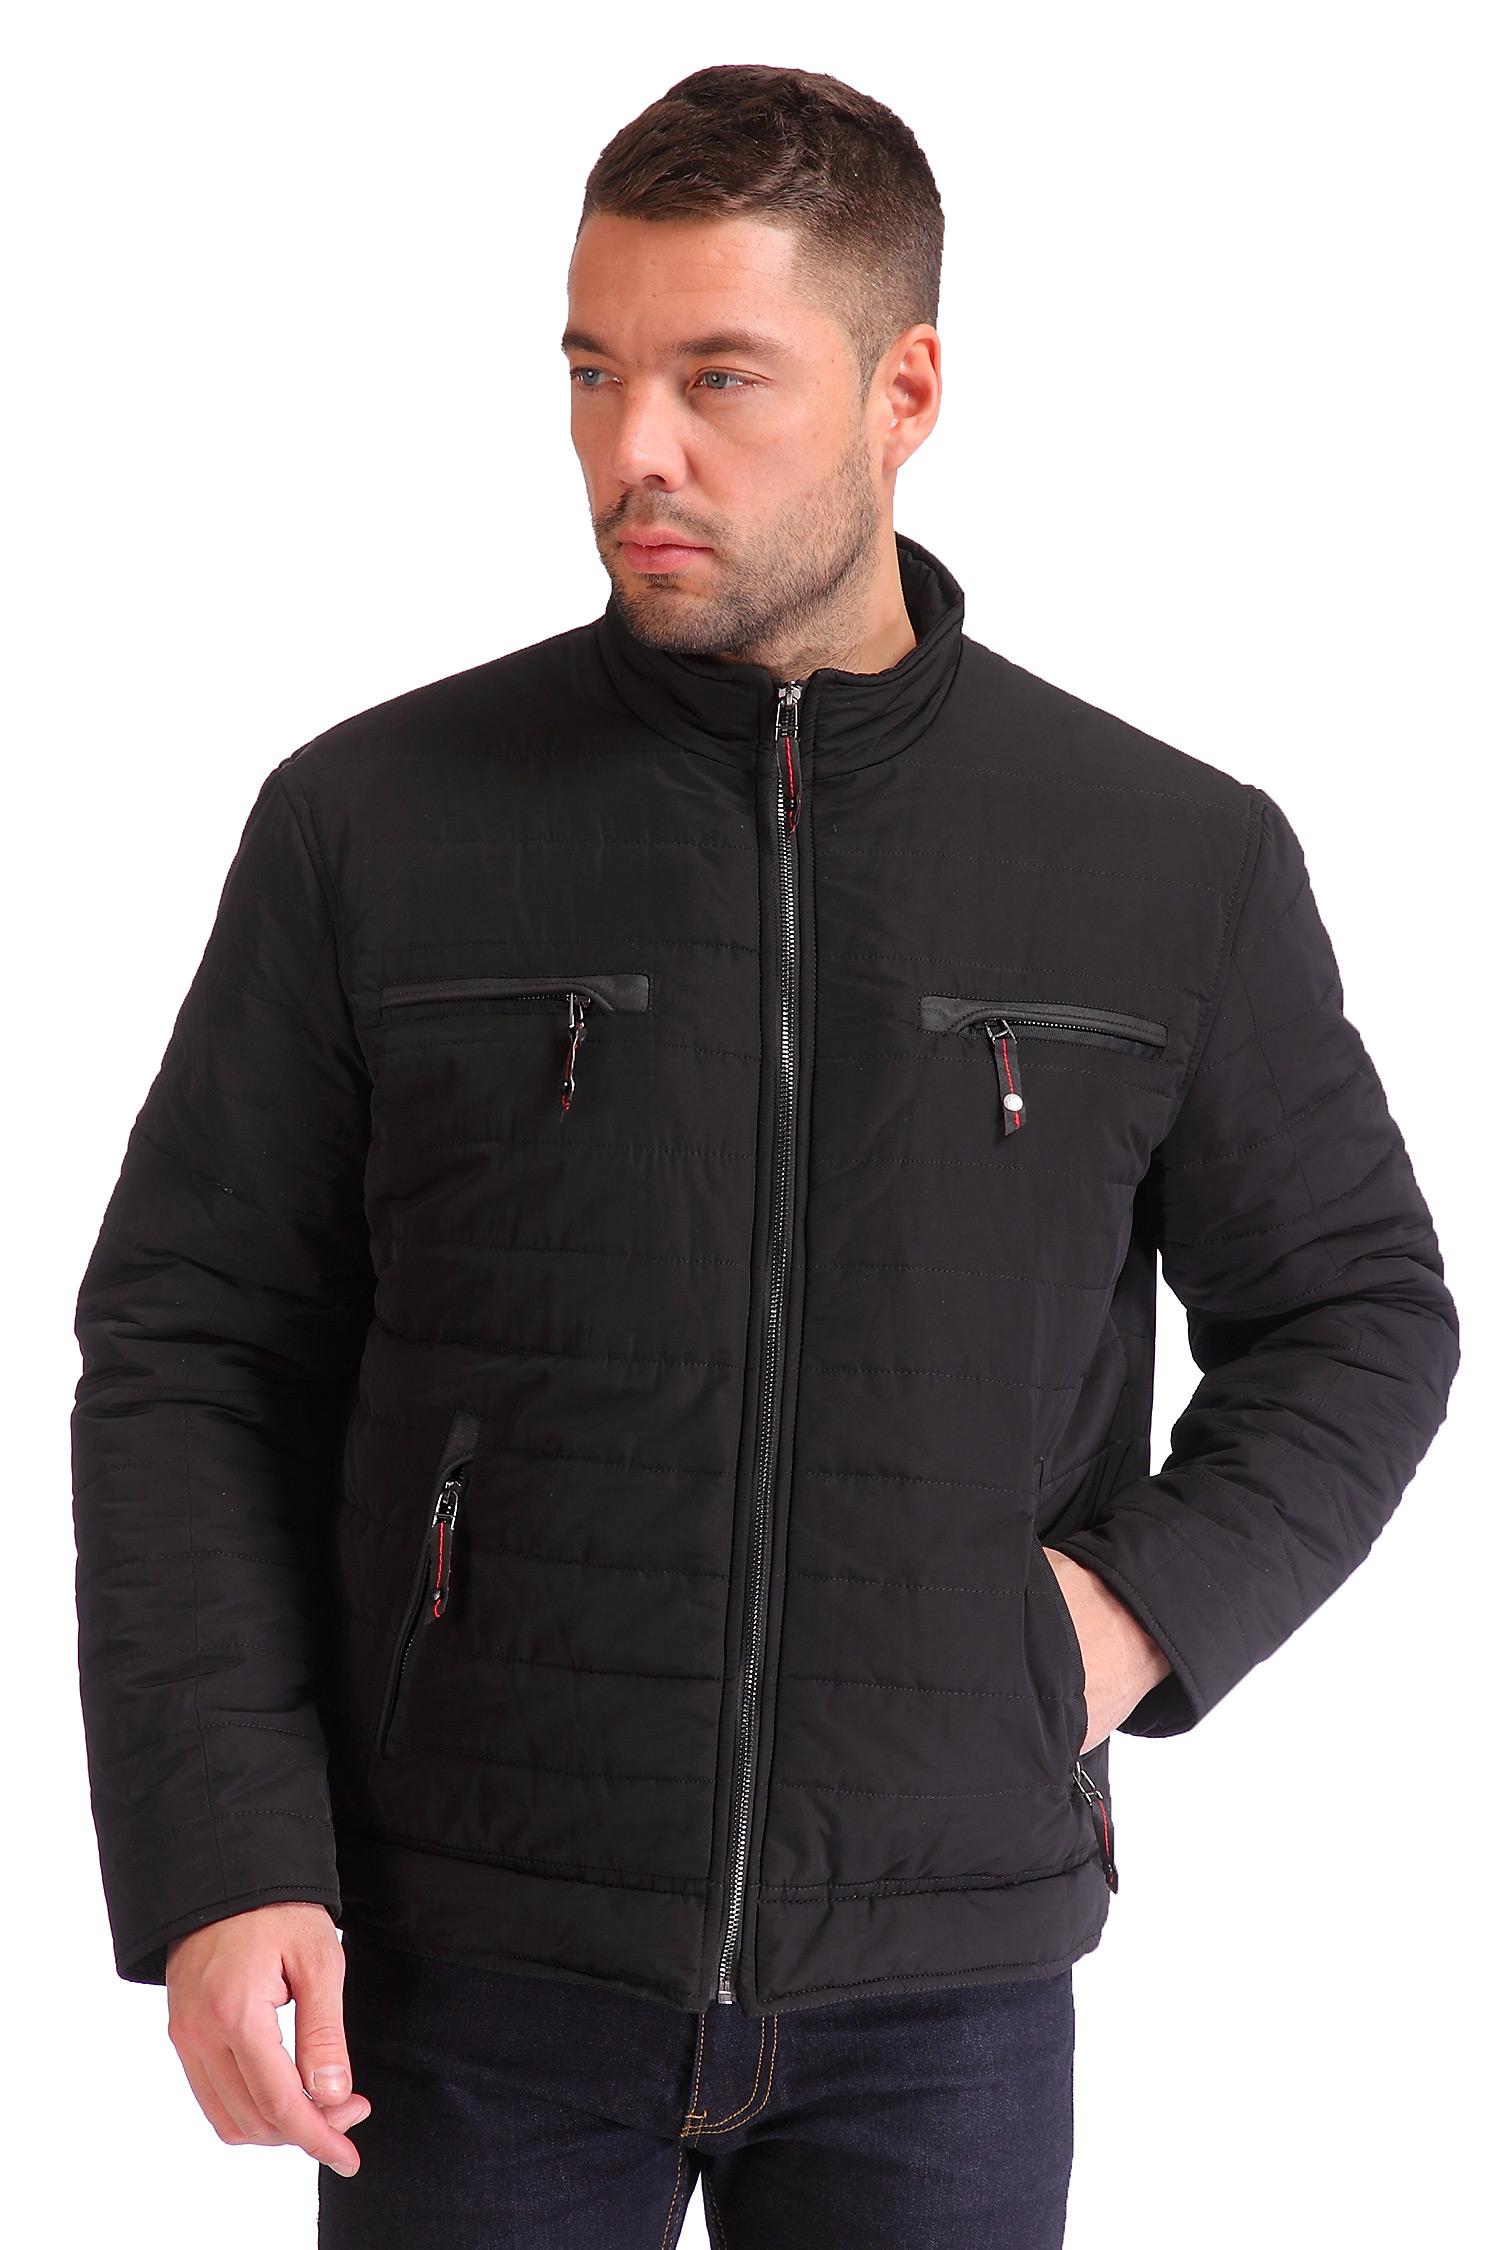 Мужская куртка из текстиля с воротником, без отделки<br><br>Воротник: стойка<br>Длина см: Короткая (51-74 )<br>Материал: Текстиль<br>Цвет: черный<br>Застежка: на молнии<br>Пол: Мужской<br>Размер RU: 56